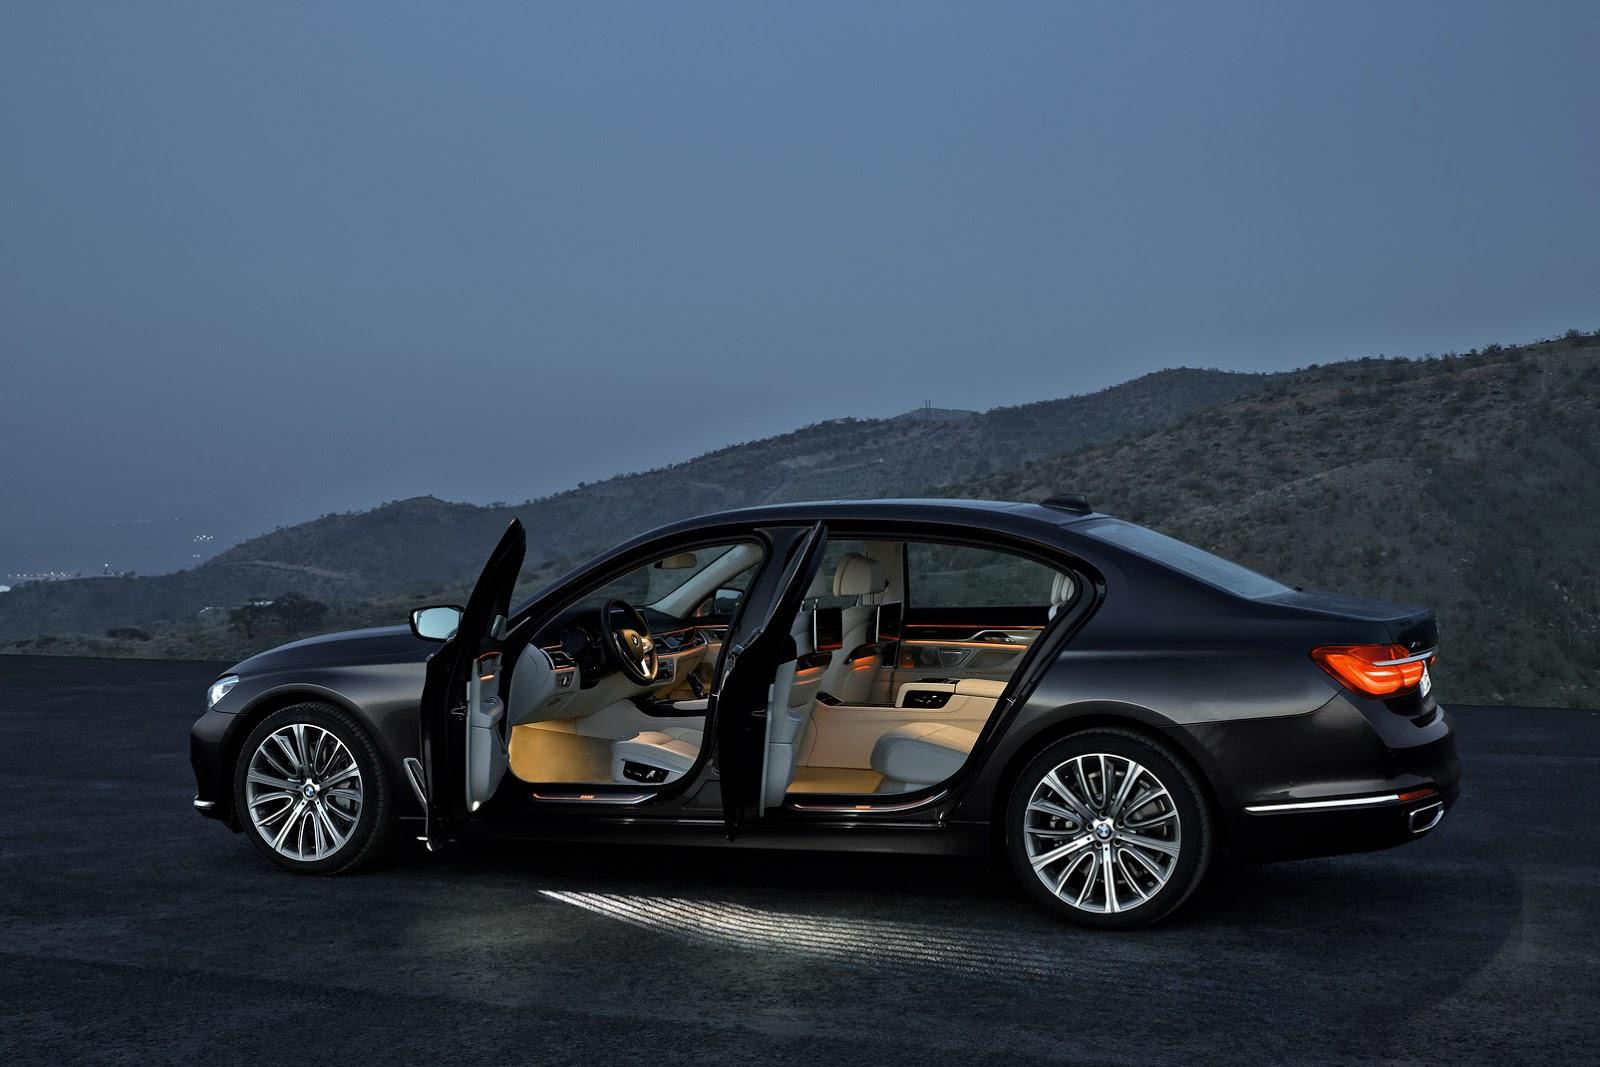 2016-BMW-7-Series-New14 புதிய பிஎம்டபிள்யூ 7 சீரிஸ் அறிமுகம்